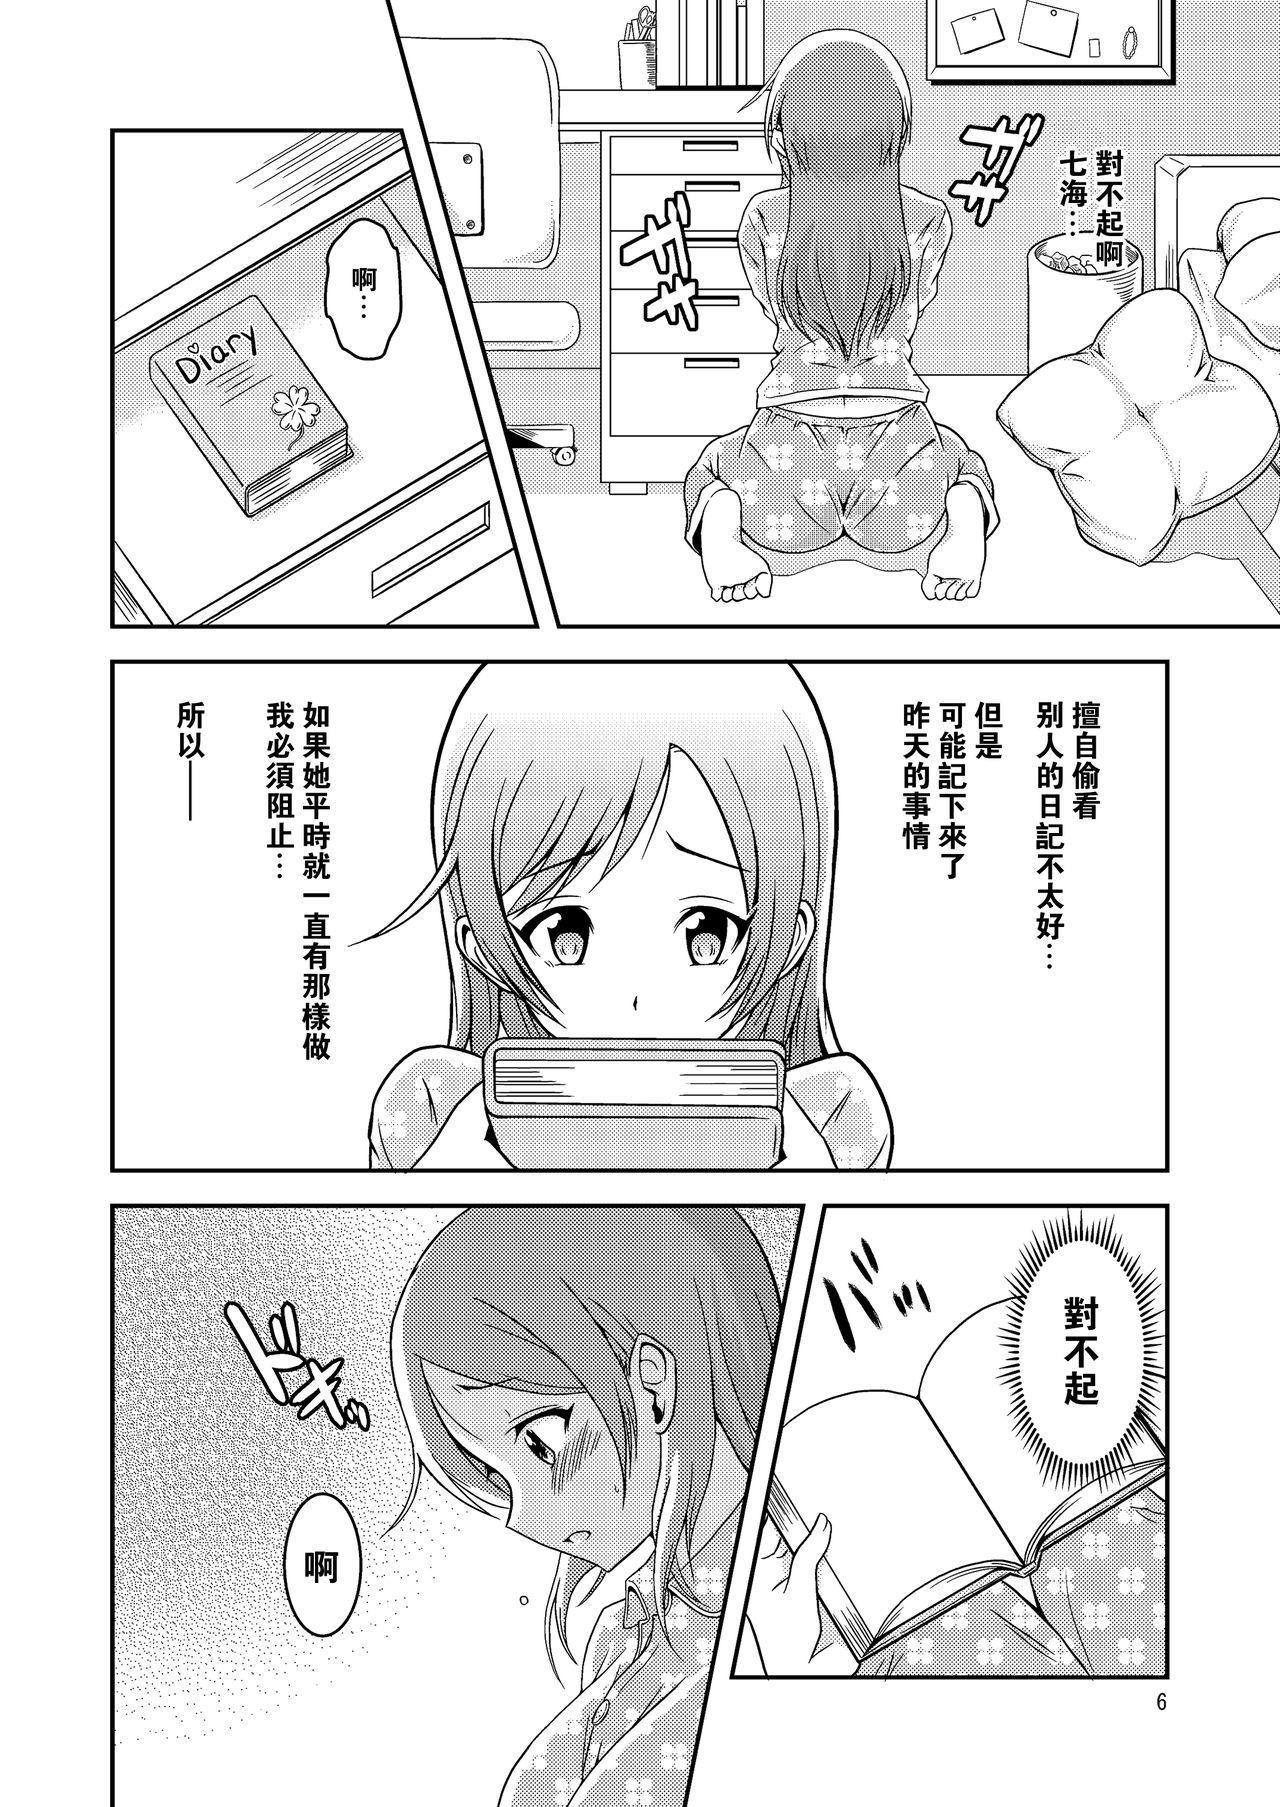 Hentai Roshutsu Shimai 7